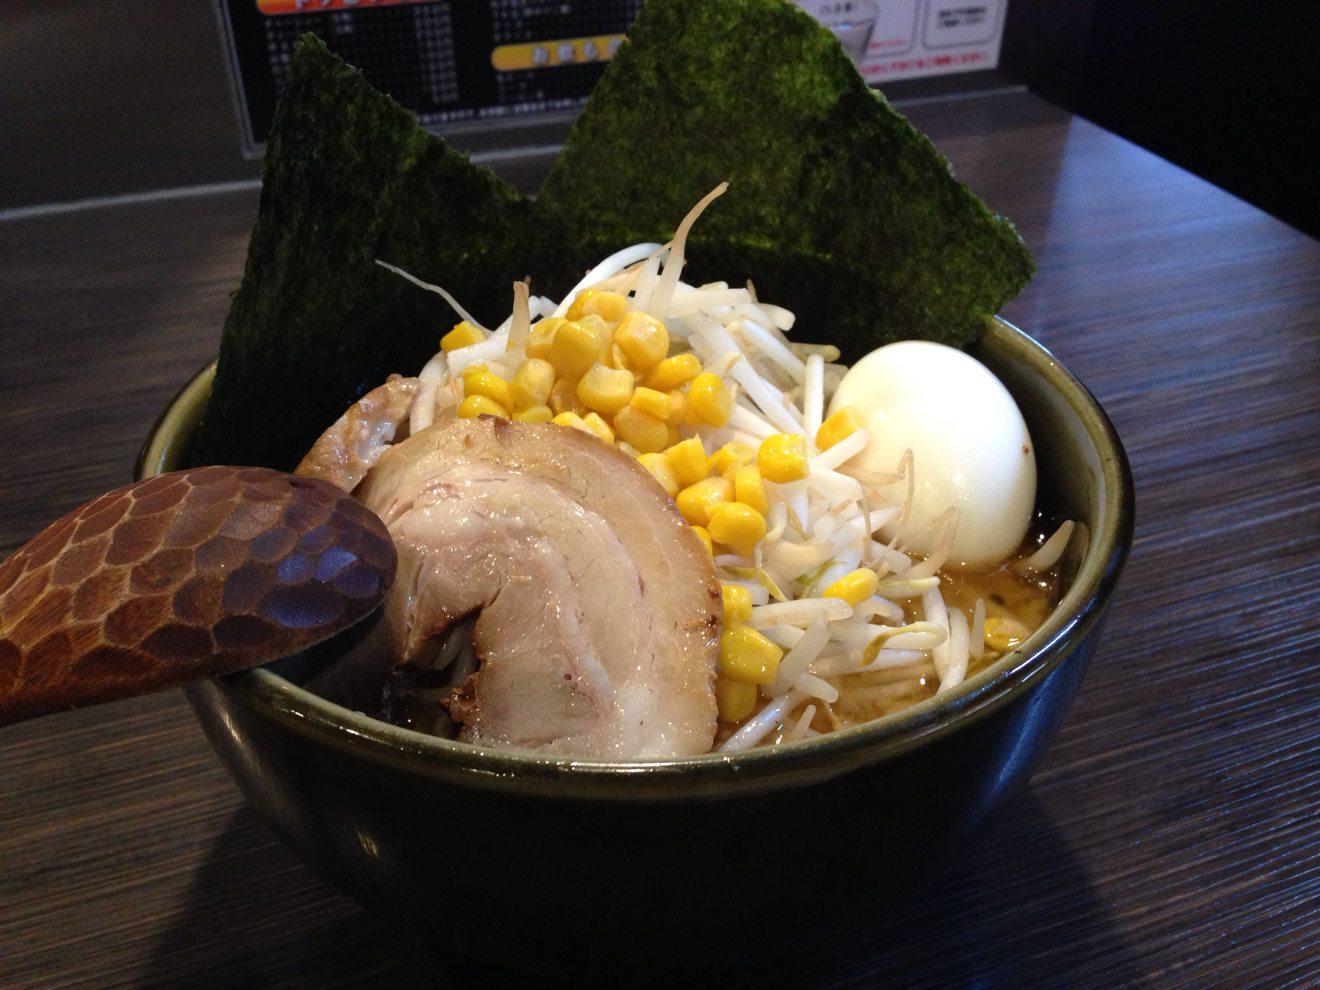 [Å] ど・みそ 町田店の味噌ラーメン モチっと麺が印象的!今までに無いスープにハマった!